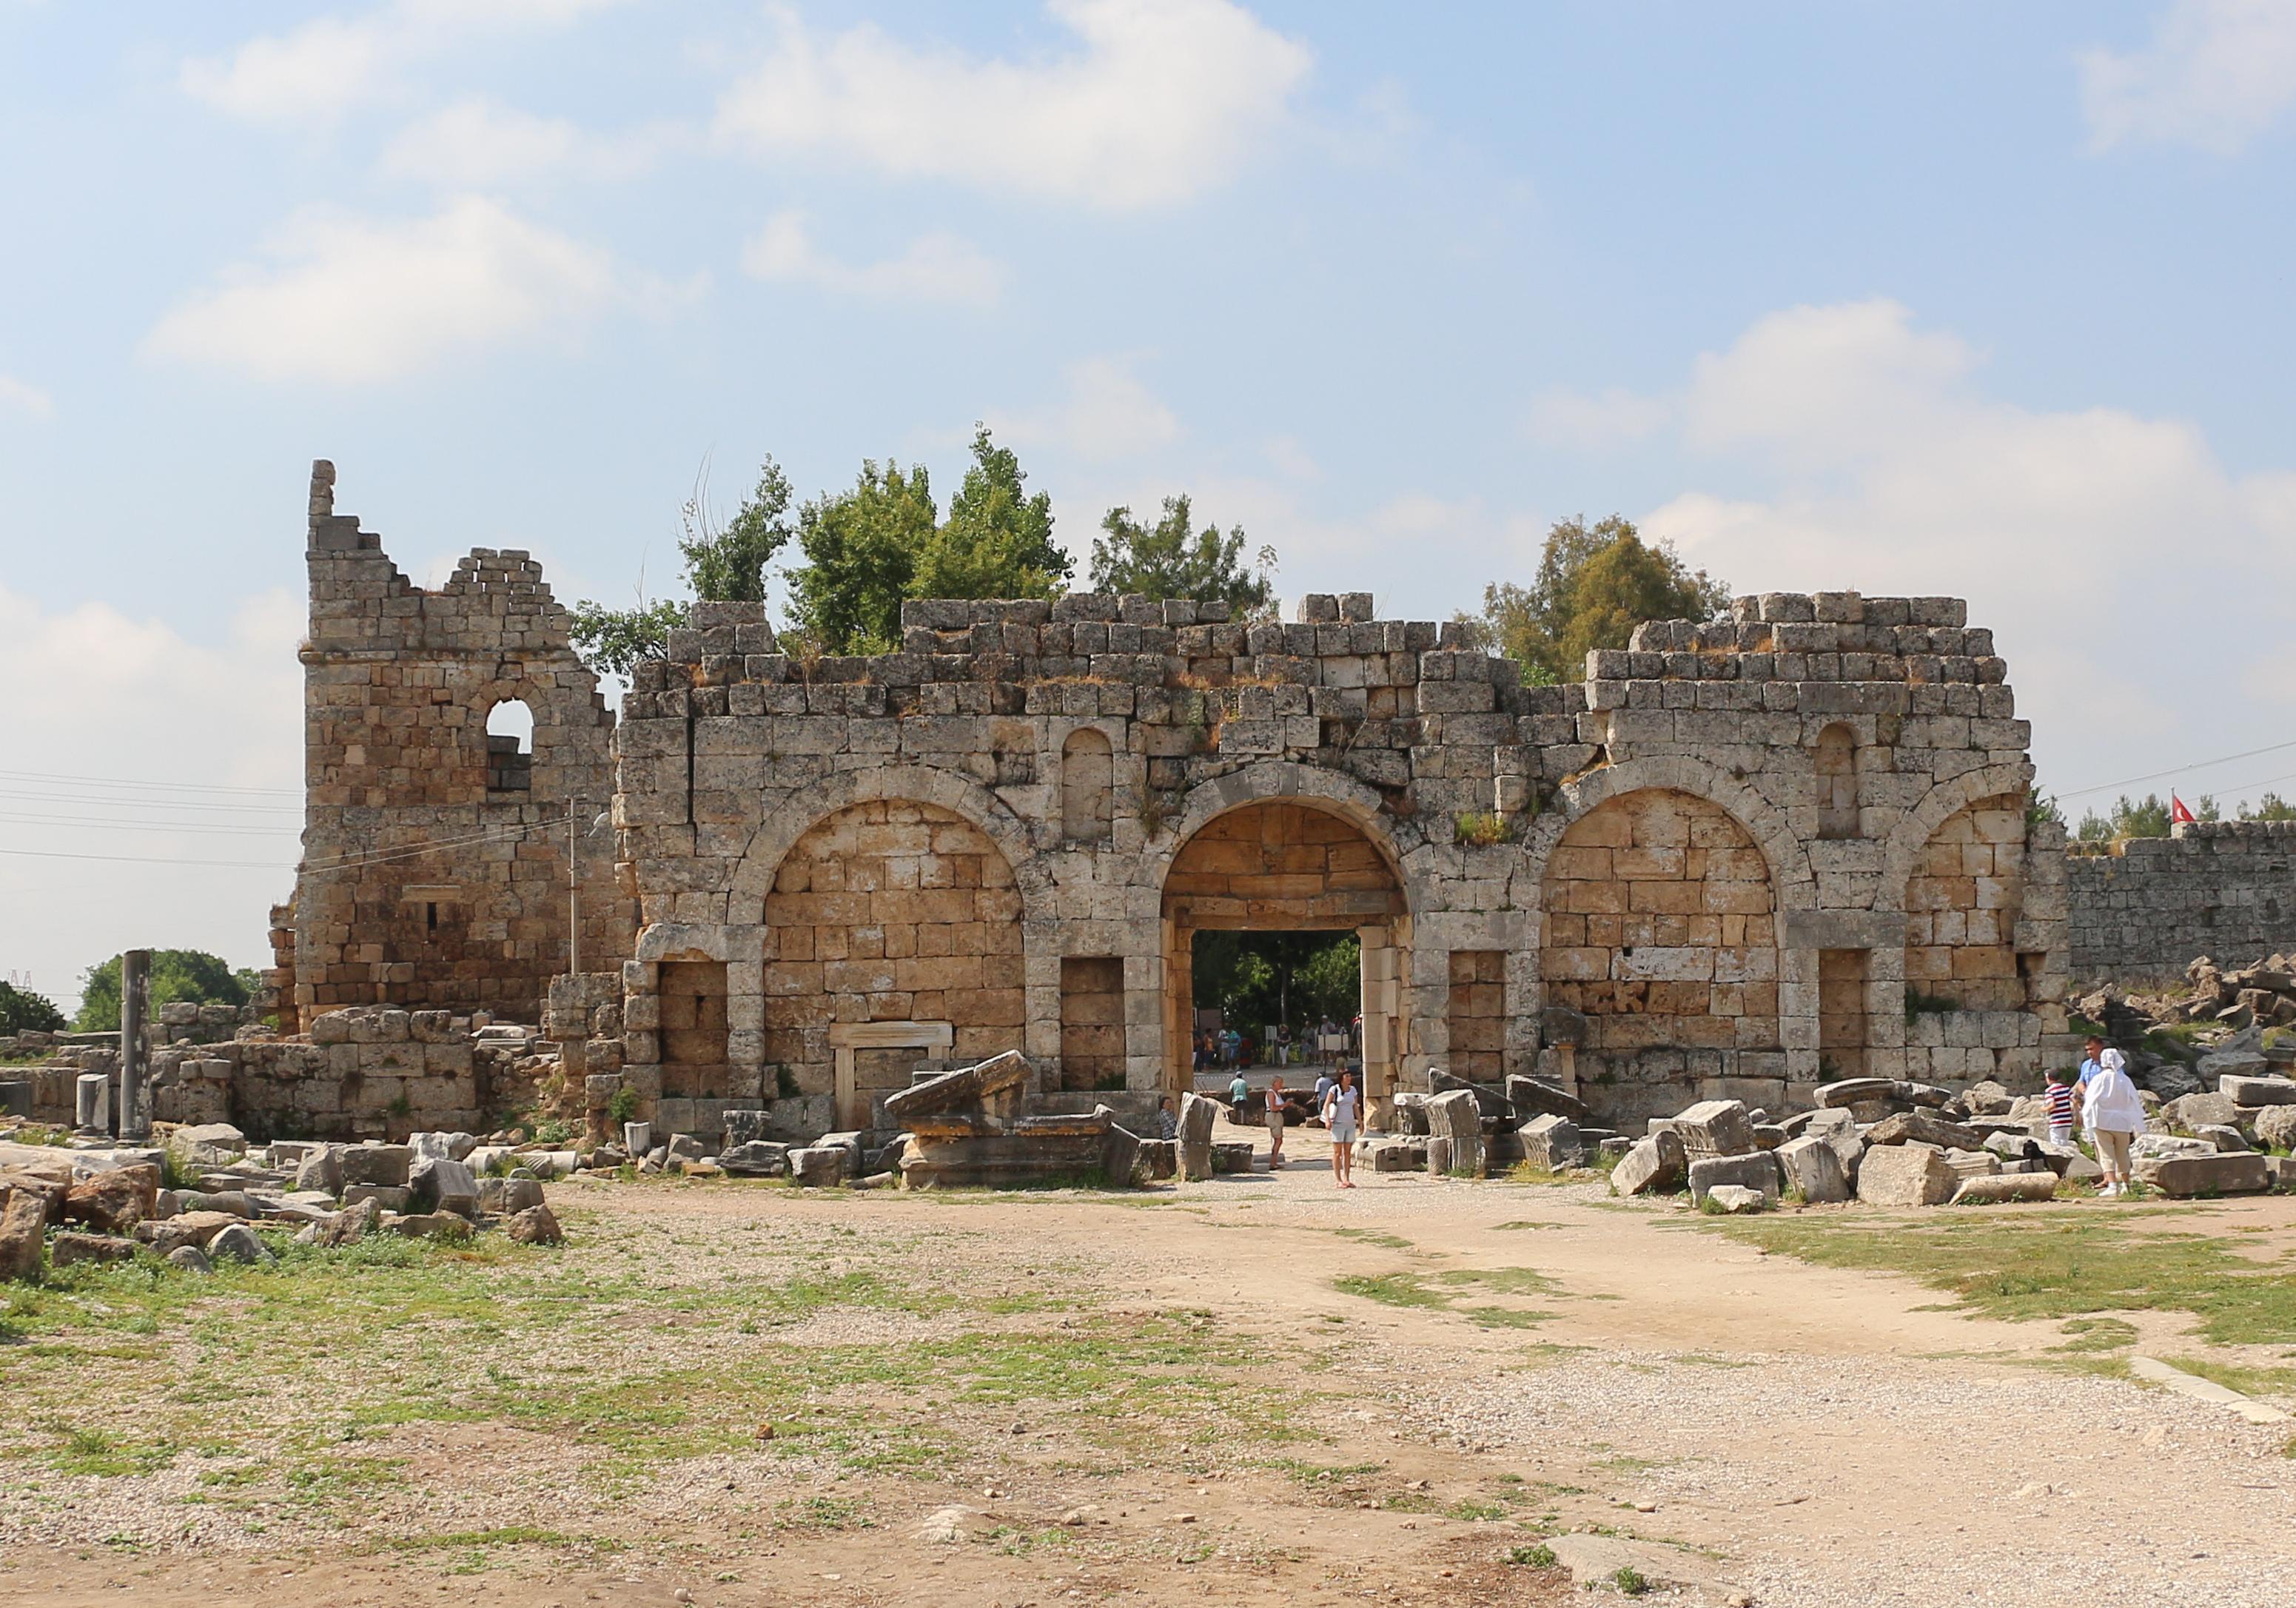 Αποτέλεσμα εικόνας για Roman gate of ancient perge